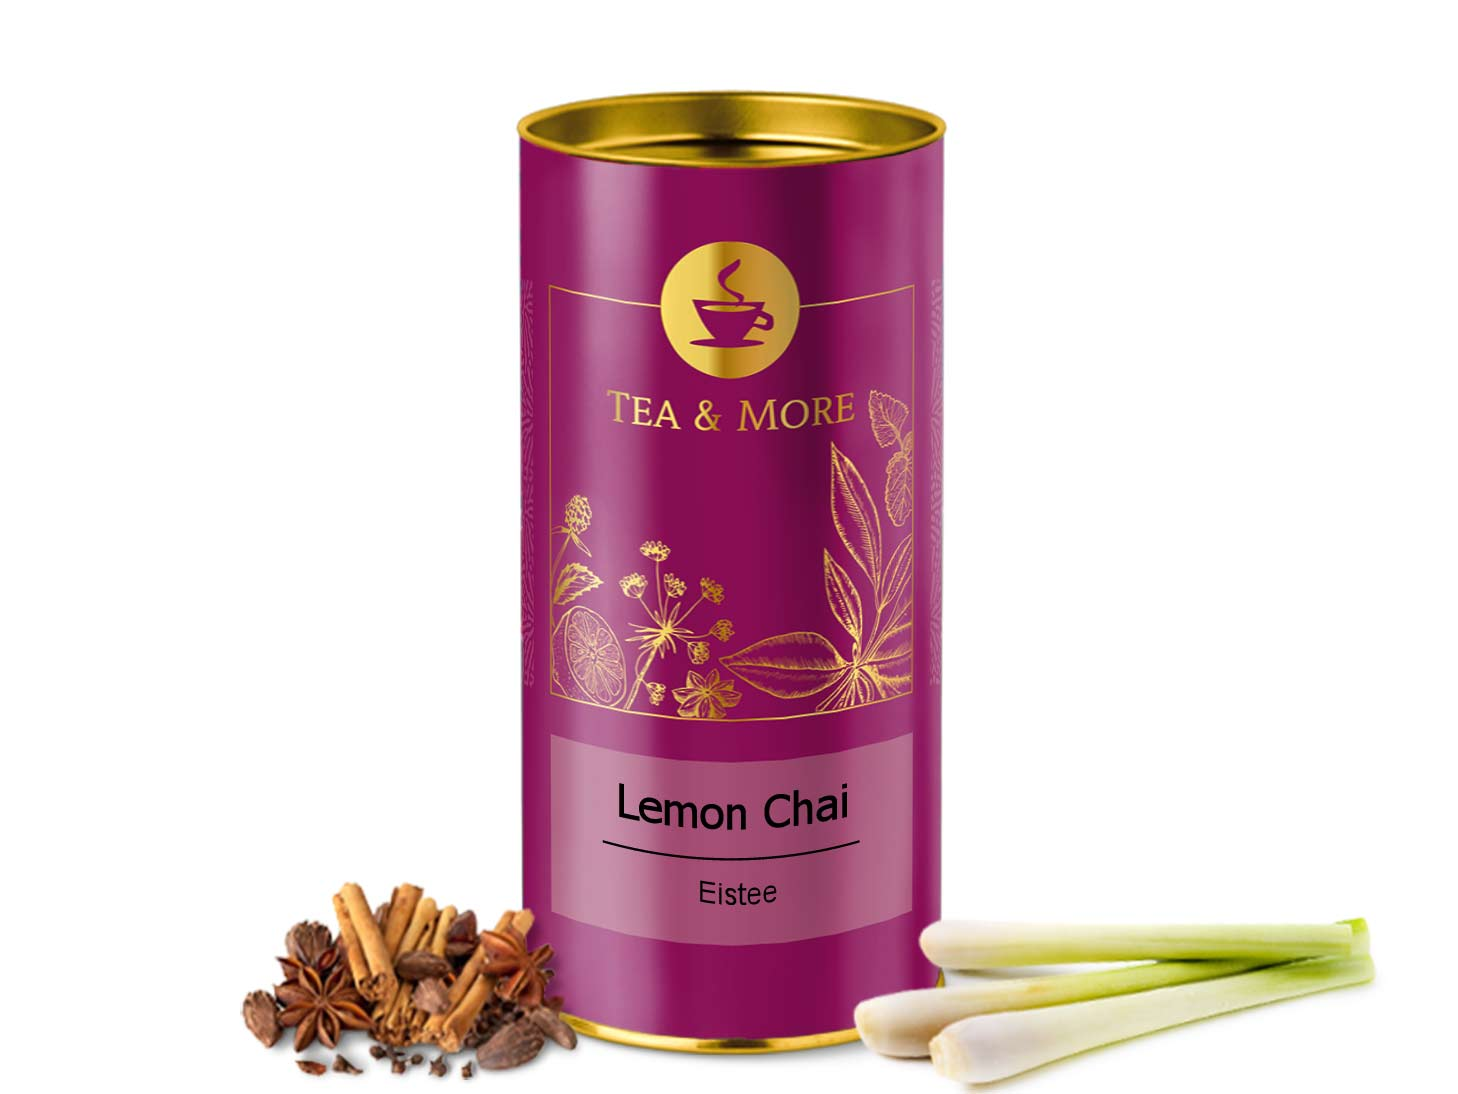 Eistee Lemon Chai